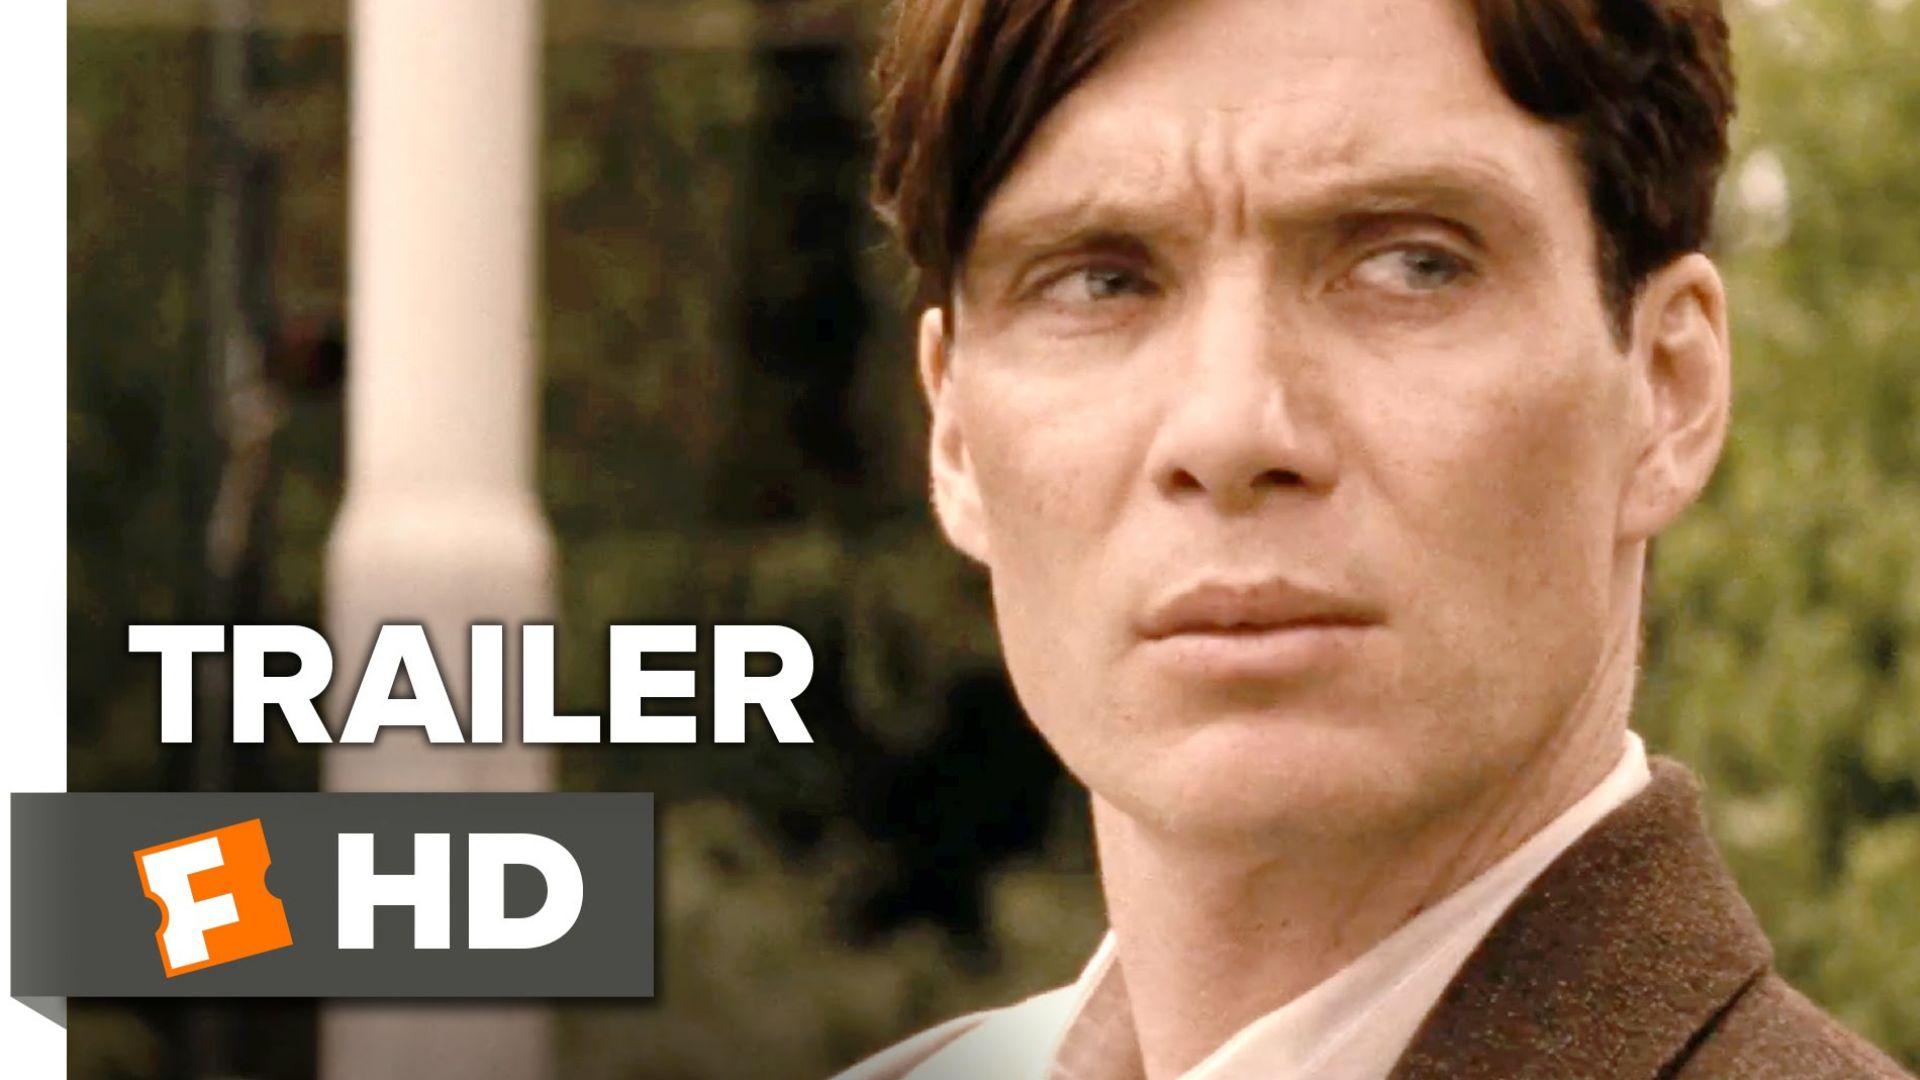 'Anthropoid' trailer. A WW2 thriller starring Cillian Murphy